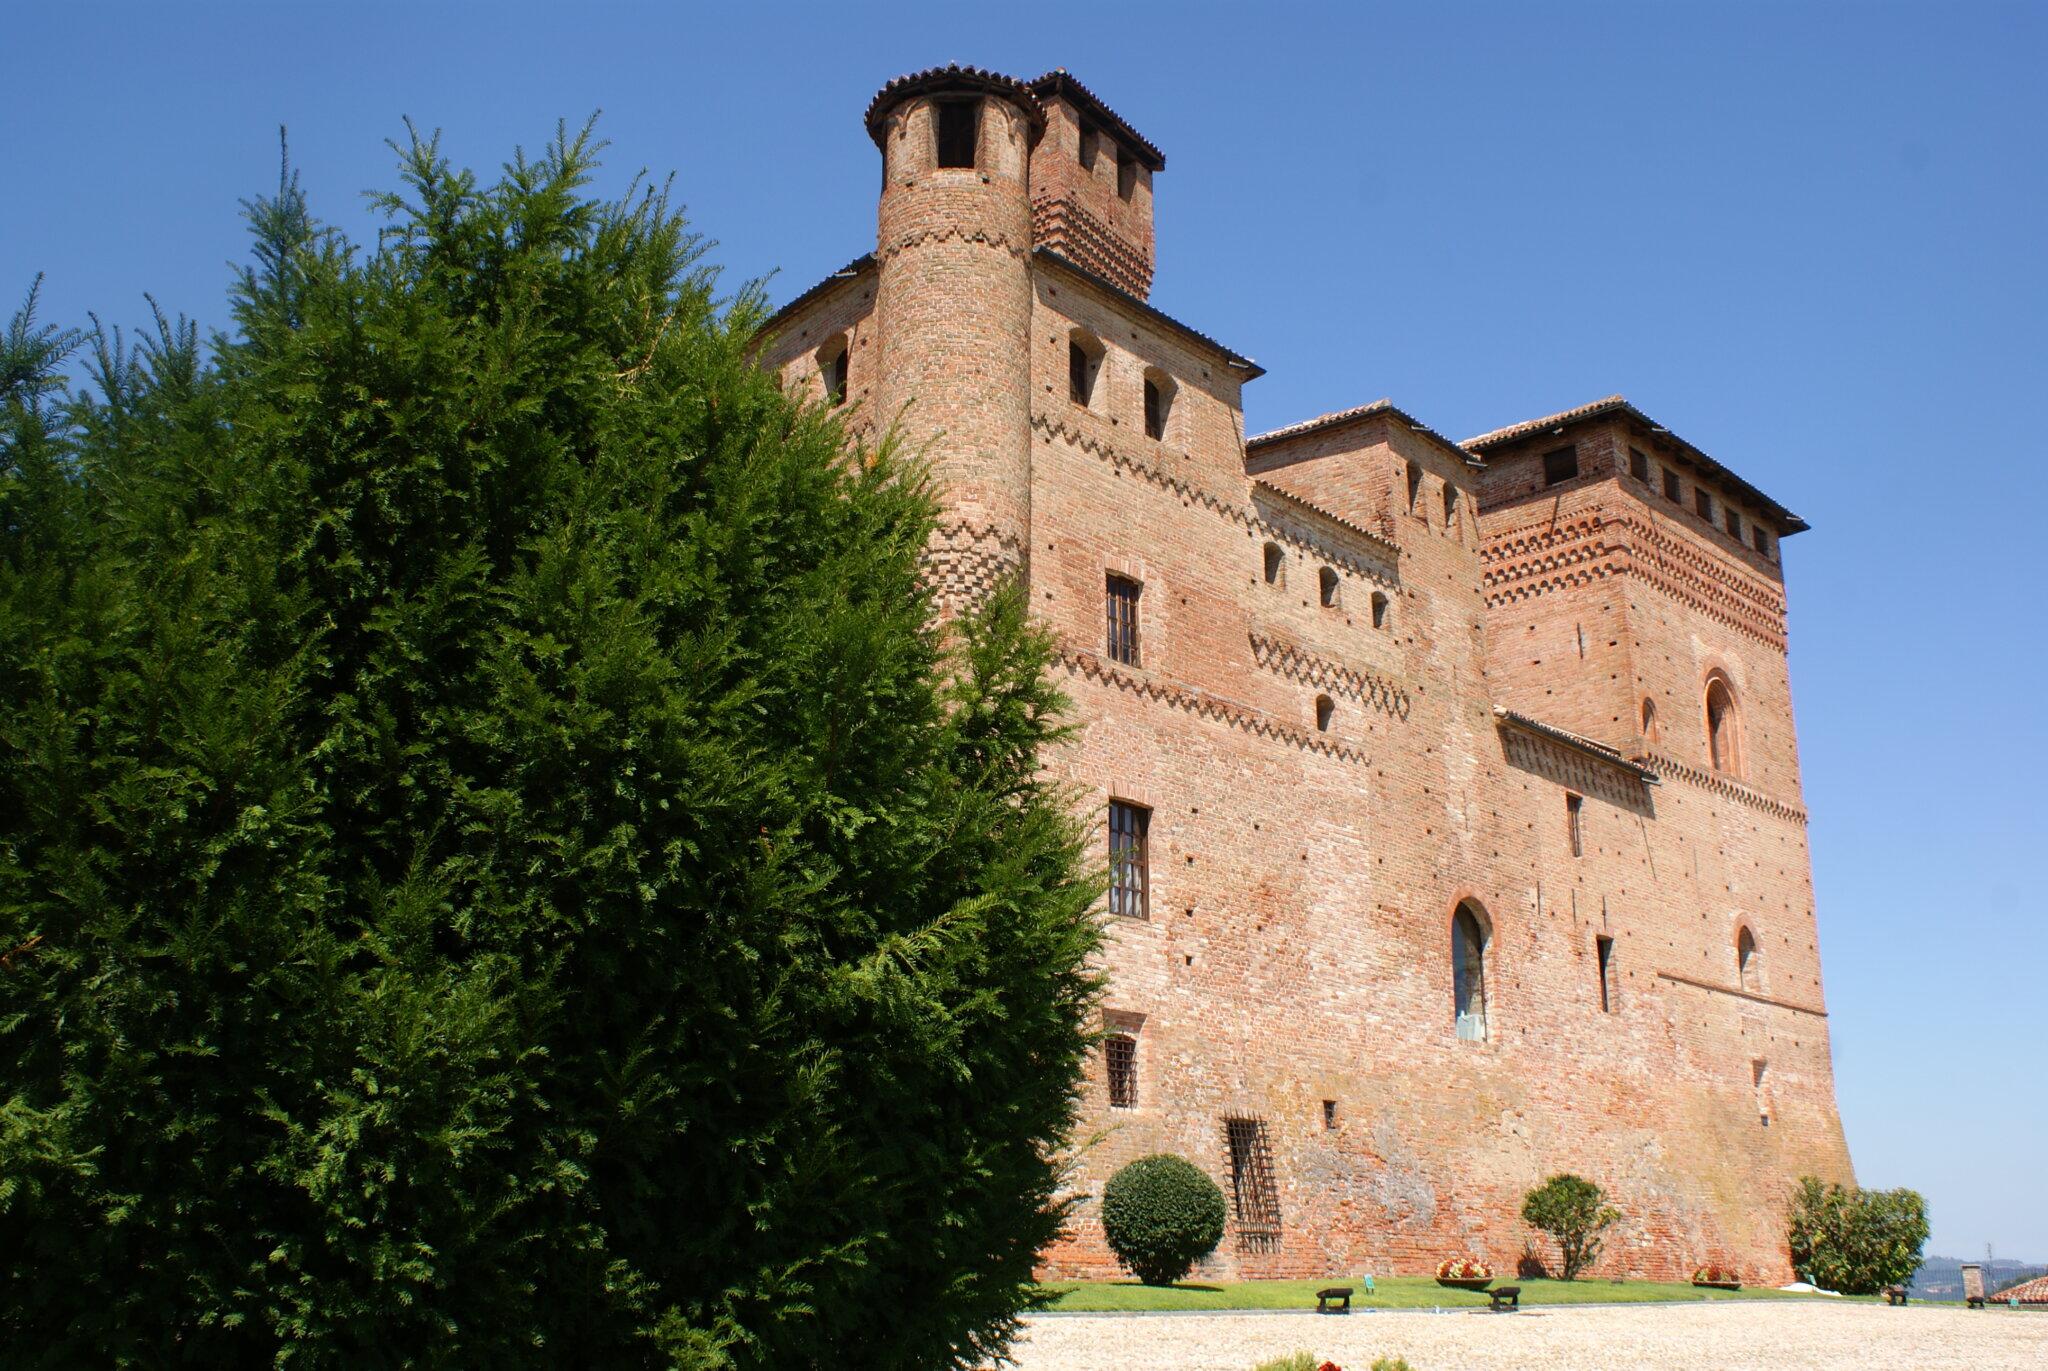 monferrato travel guide piemonte italy piedmont tips eat see do guida viaggio vedere mangiare fare turismo tourism trip francinesplaceblog grinzane cavour